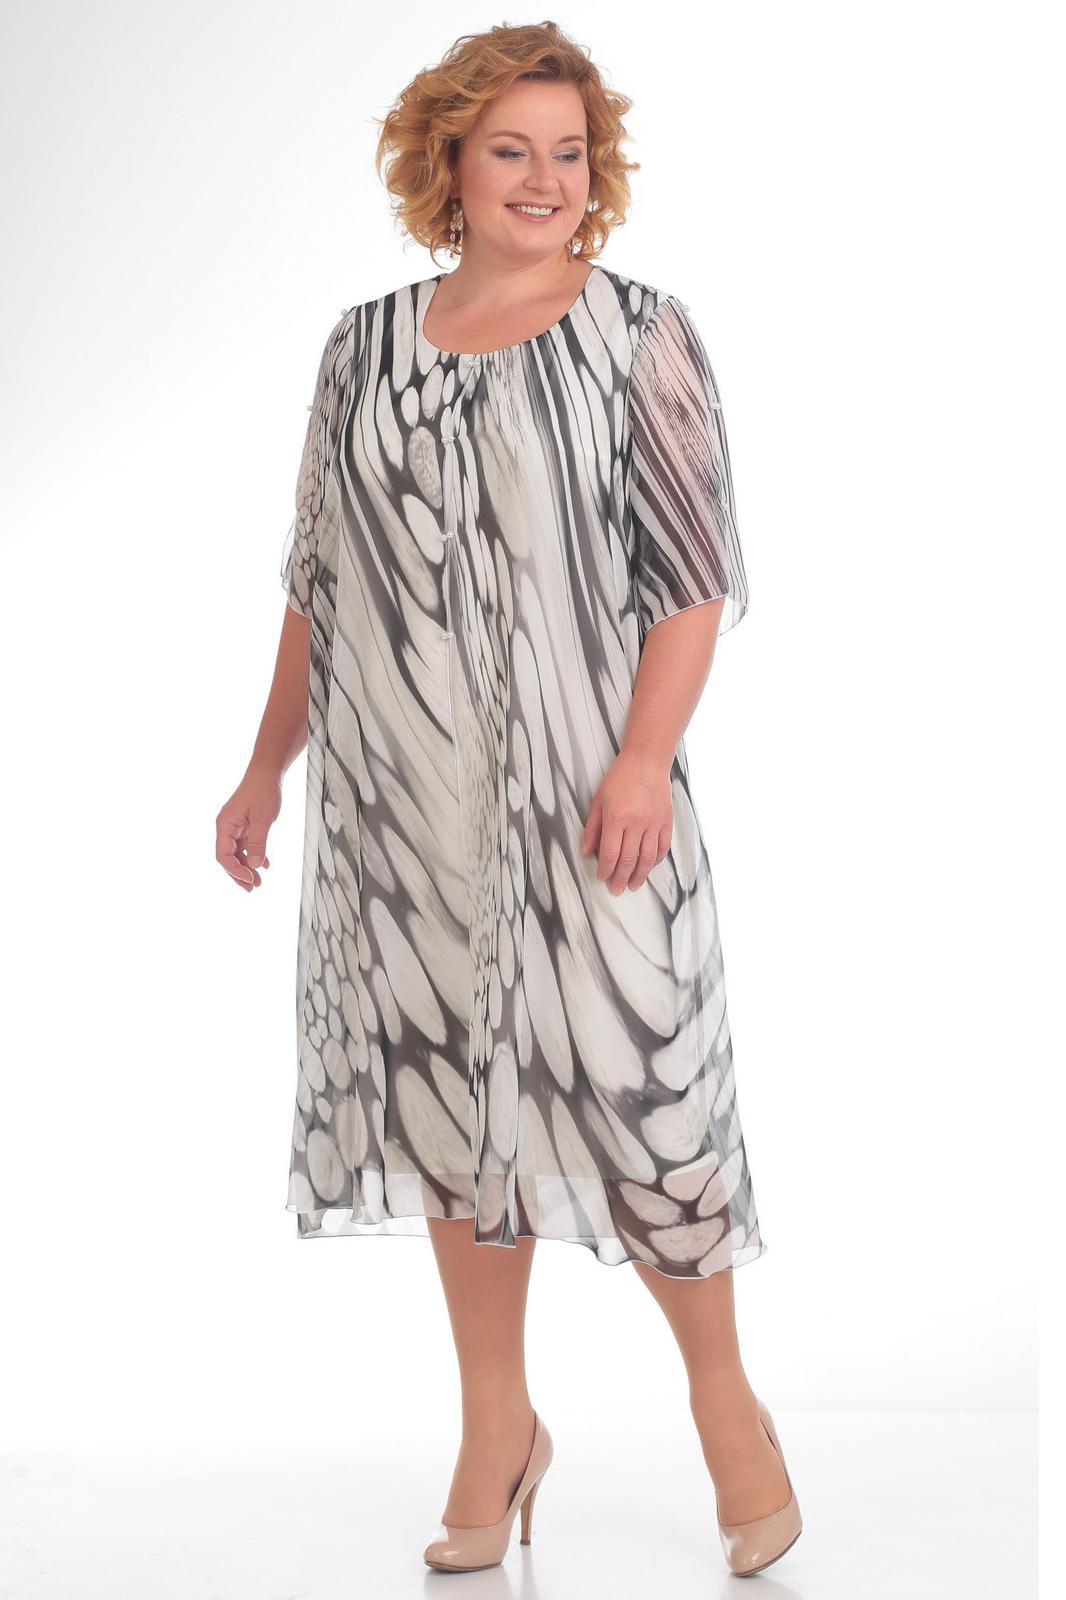 Купить Платье Pretty, 728 черно-белый, Беларусь